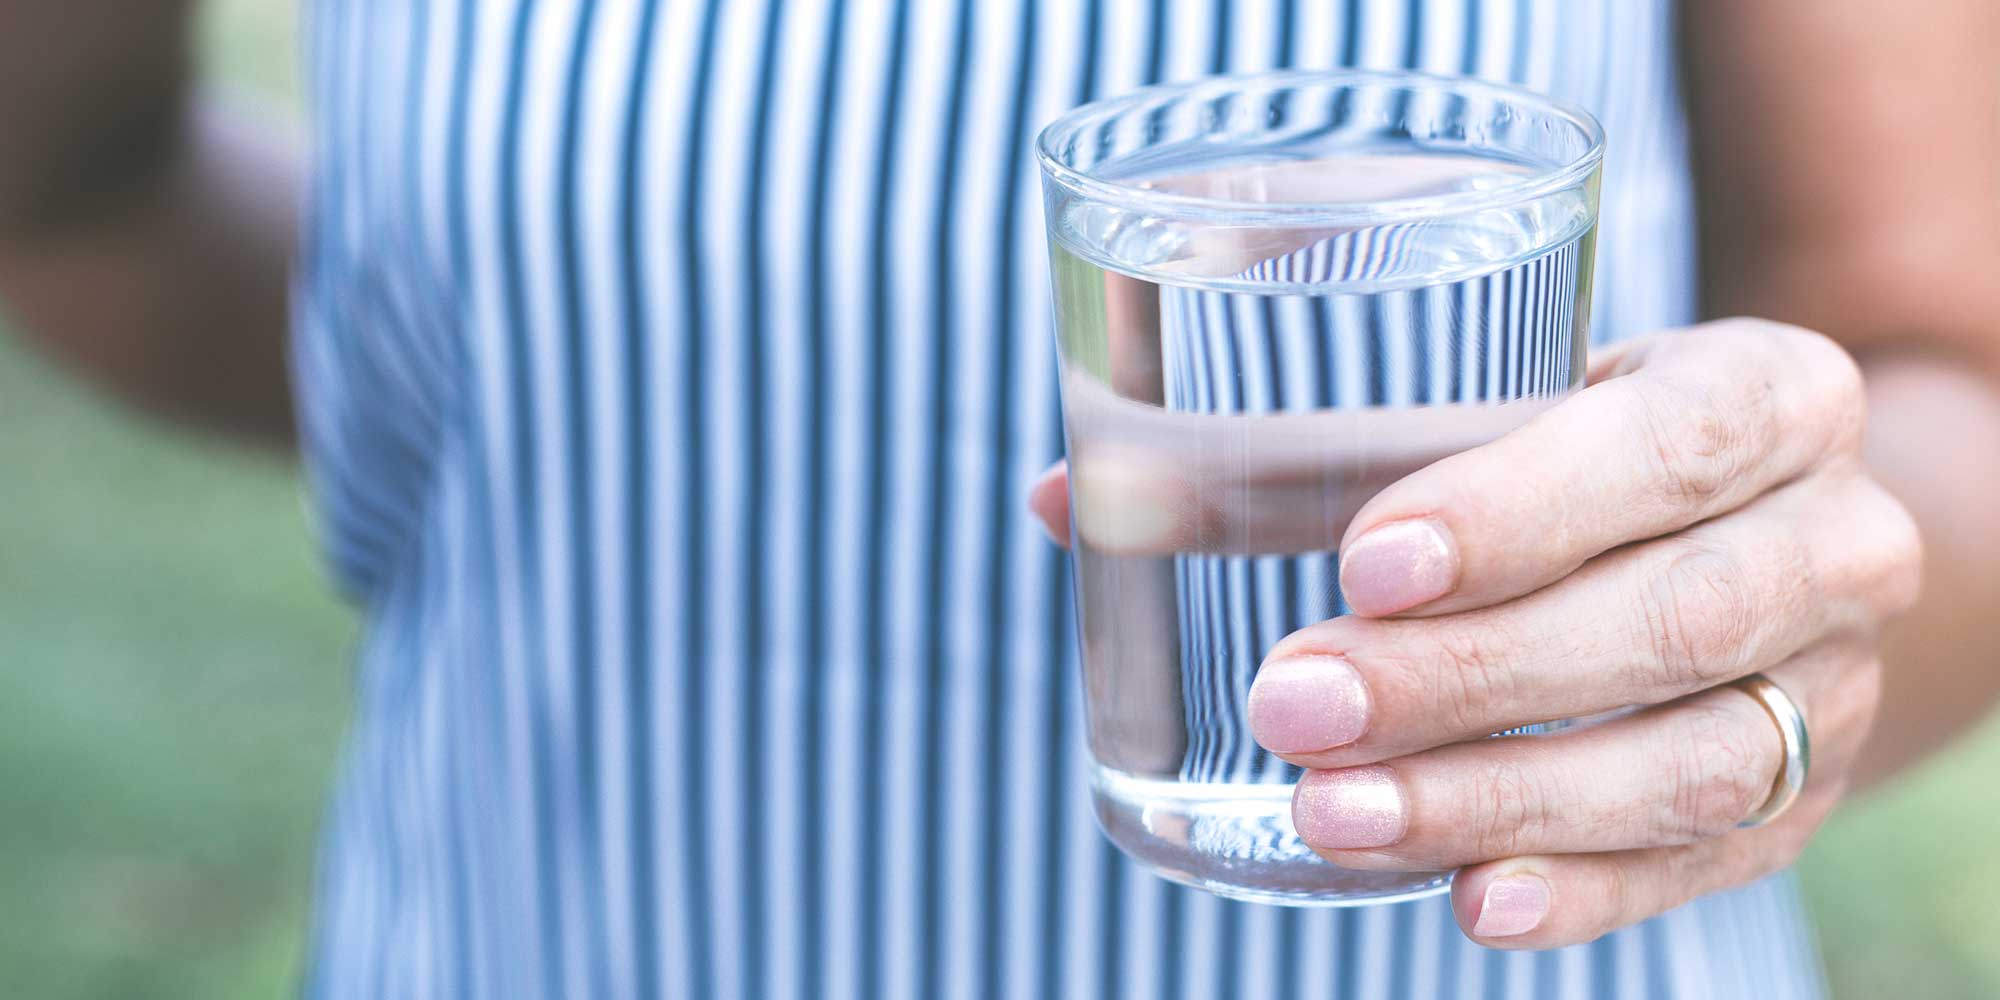 Il sapore dell'acqua: scopriamo insieme cosa influenza il gusto dell'acqua che beviamo